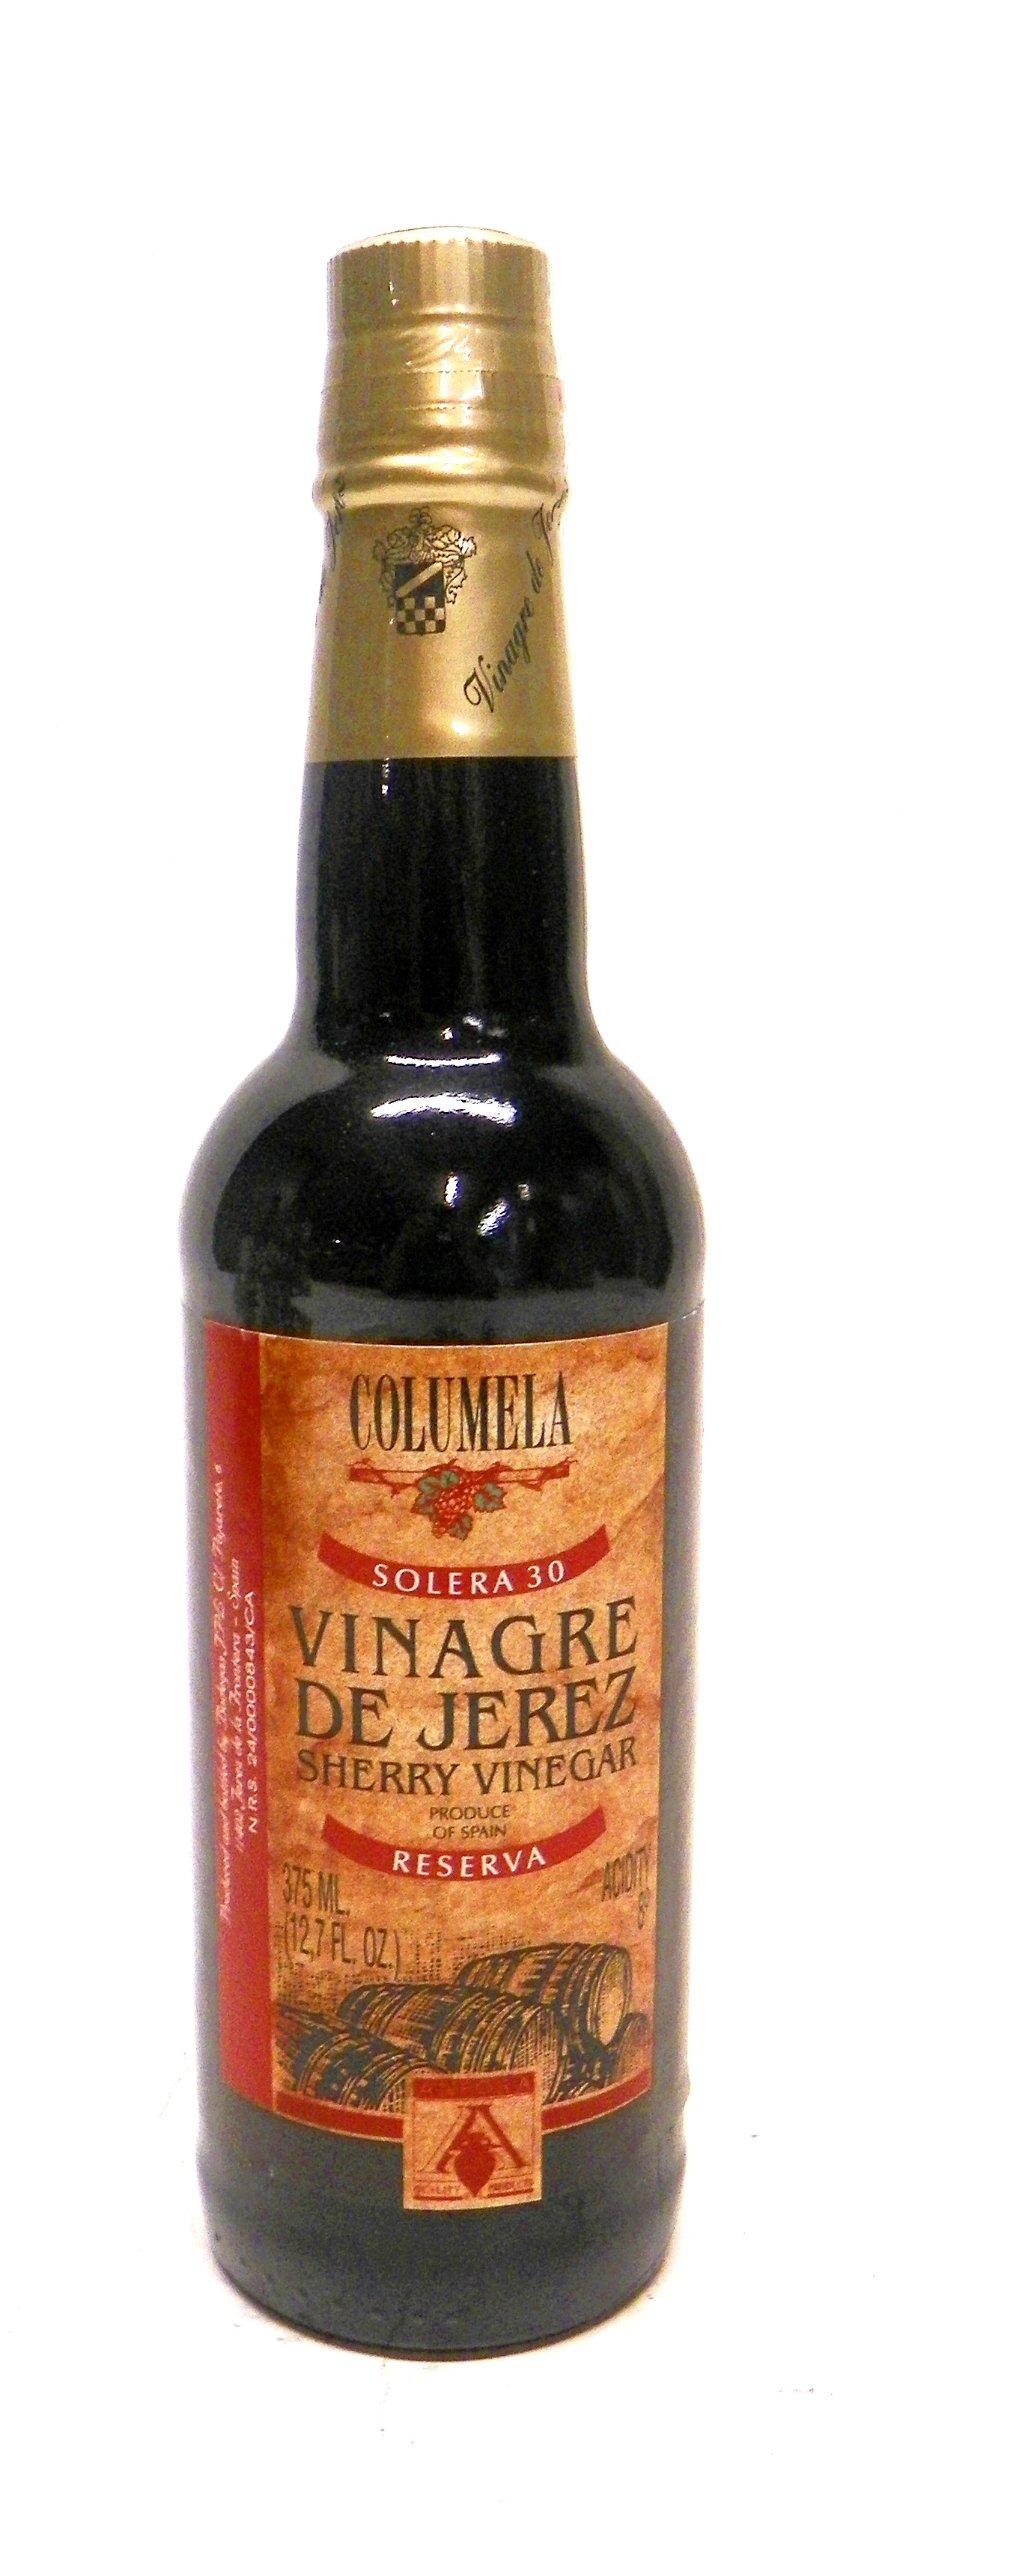 Columela Sherry Vinegar (Solera 3) Reserva, 12-Ounce by Columela